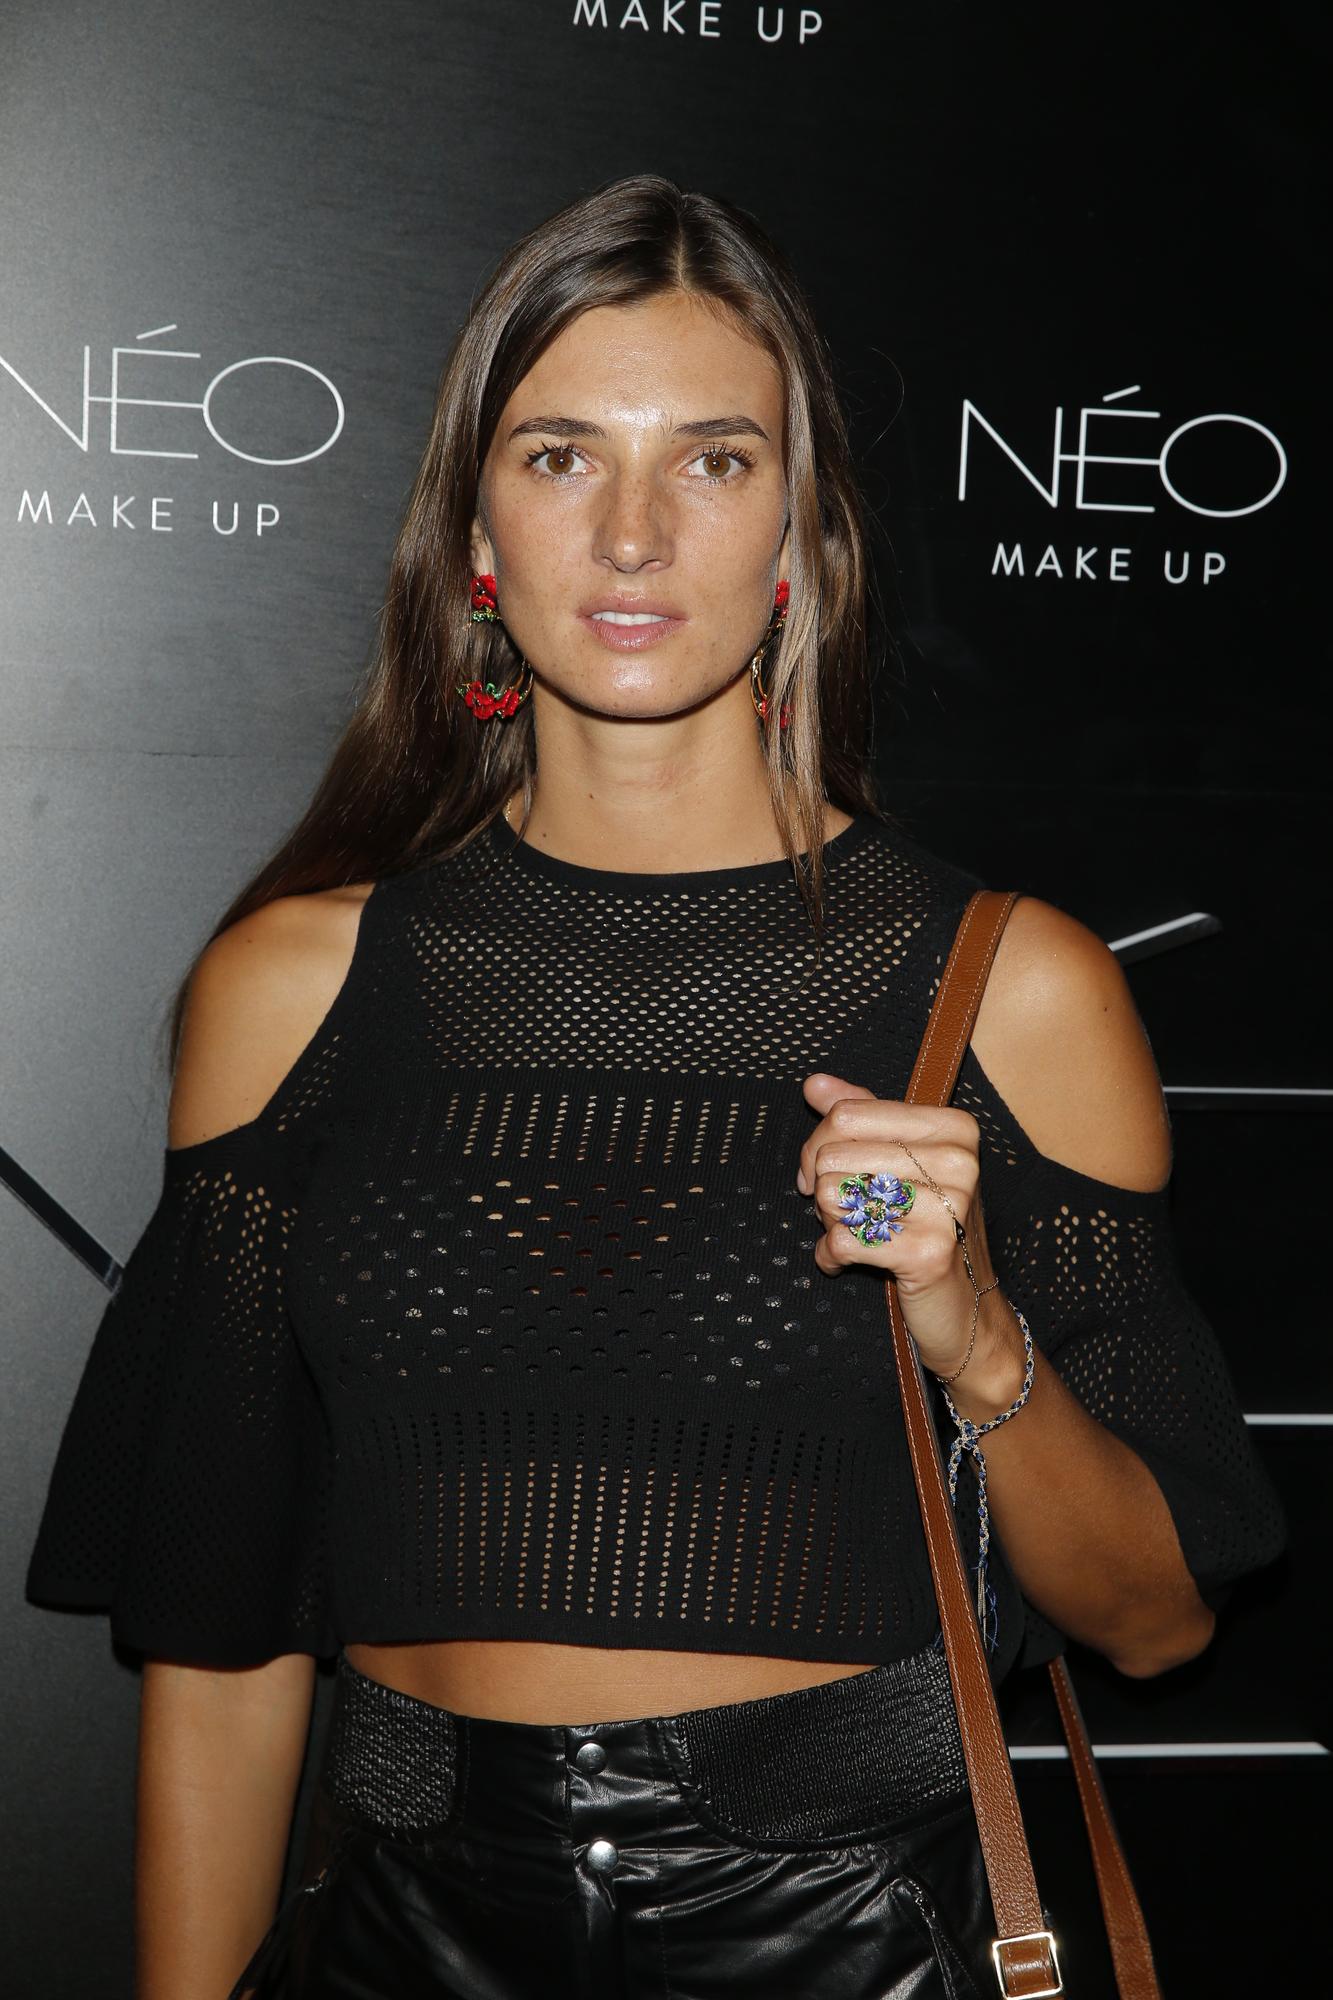 Gwiazdy na premierze marki Neo Make-up. Kto zachwycił, a kto dał ciała?